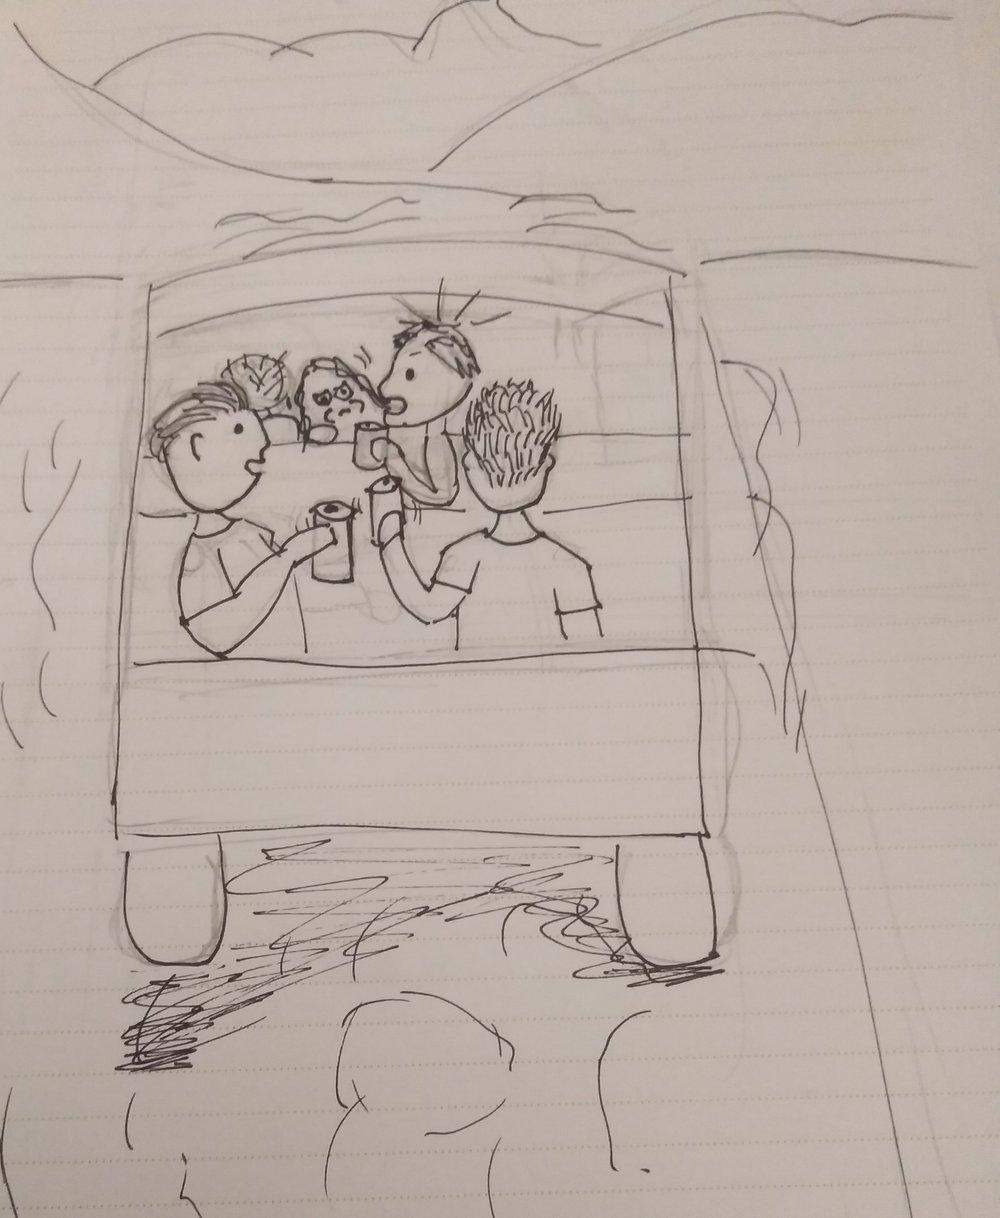 bumpy bus ride guatamala.jpg